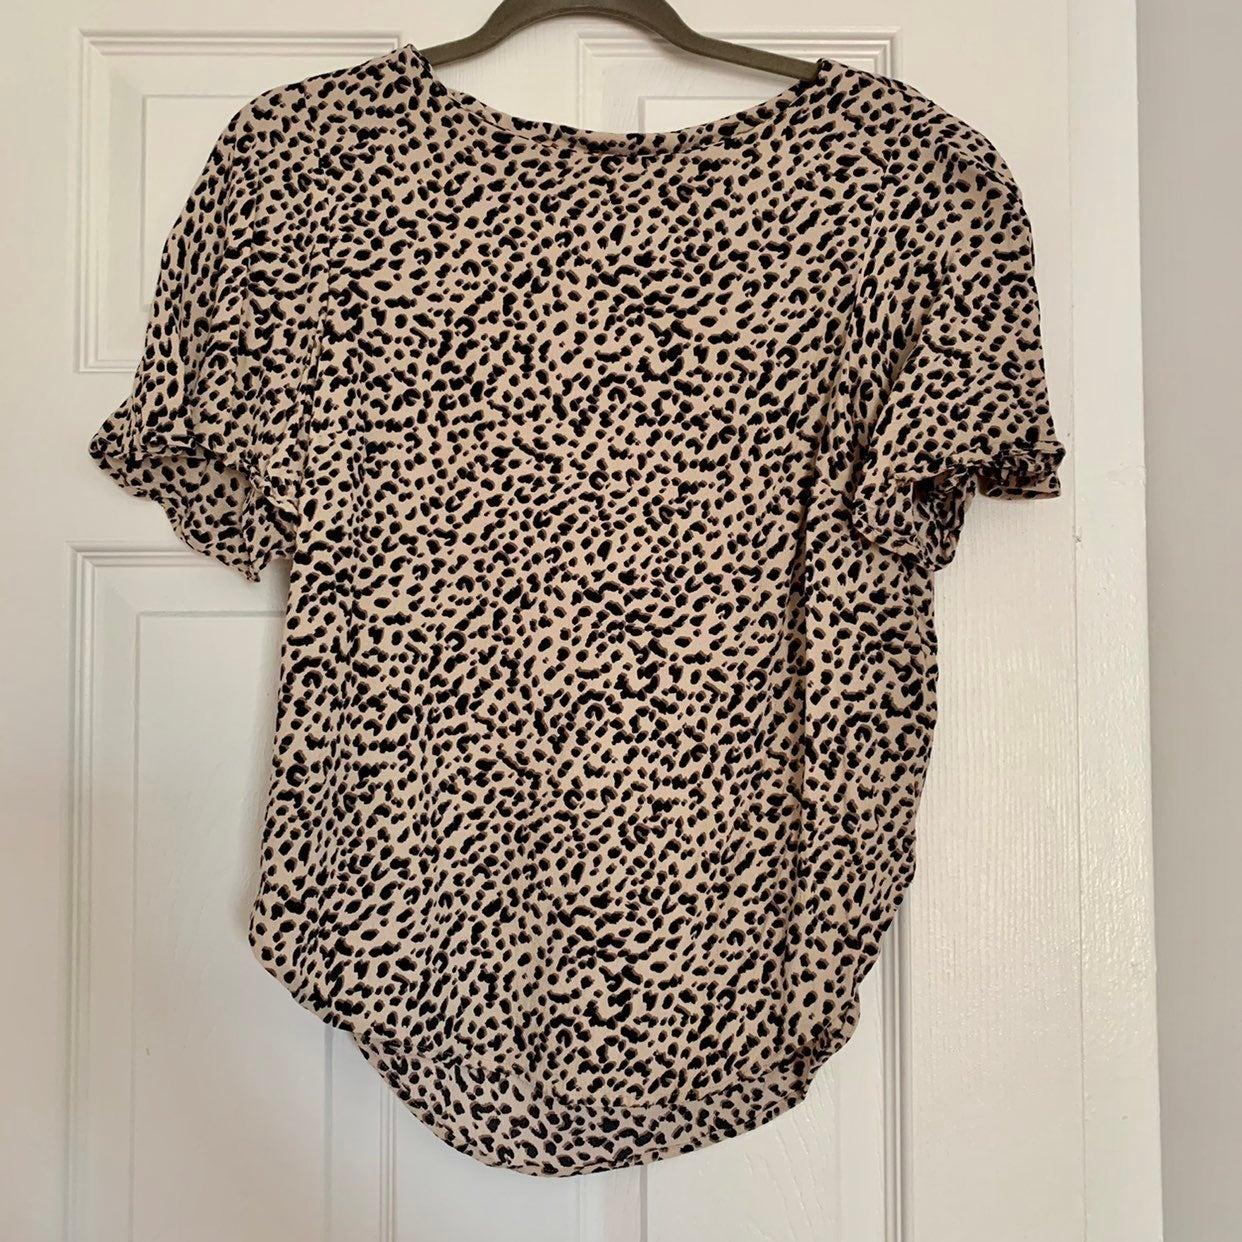 H&M Leopard Print Blouse size 6